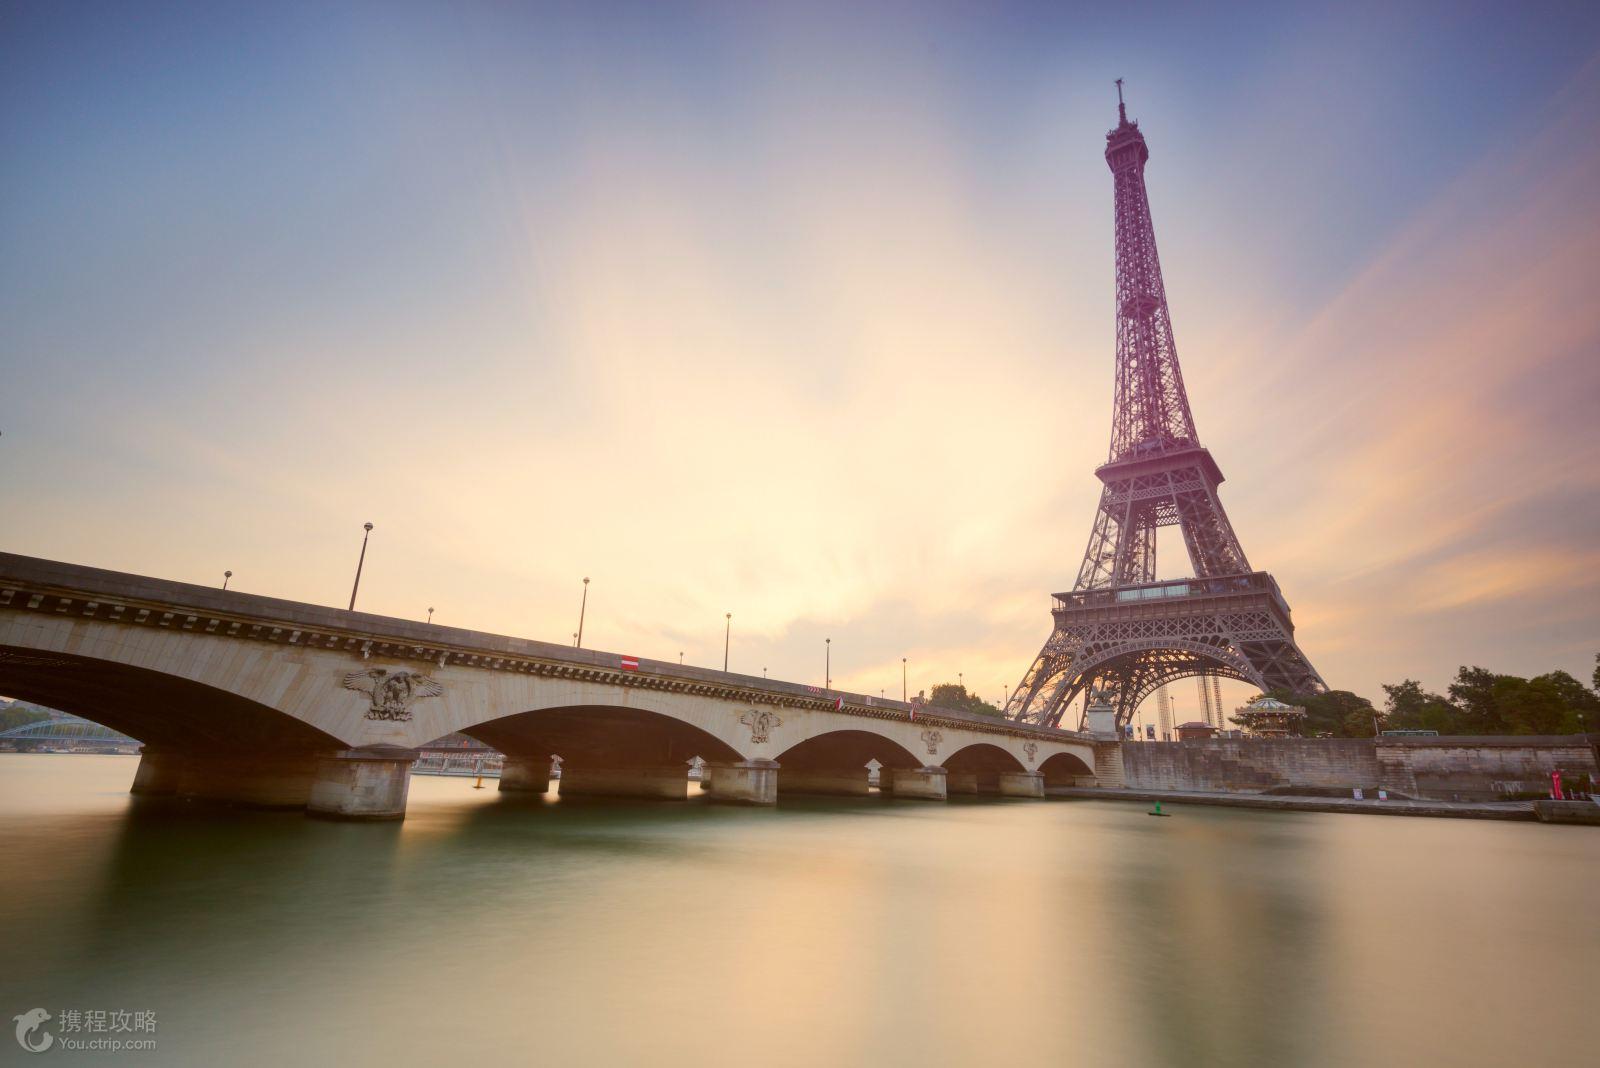 俯瞰浪漫之都巴黎全景 ·时尚购物·巴黎春天和老佛爷百货商厦,享受